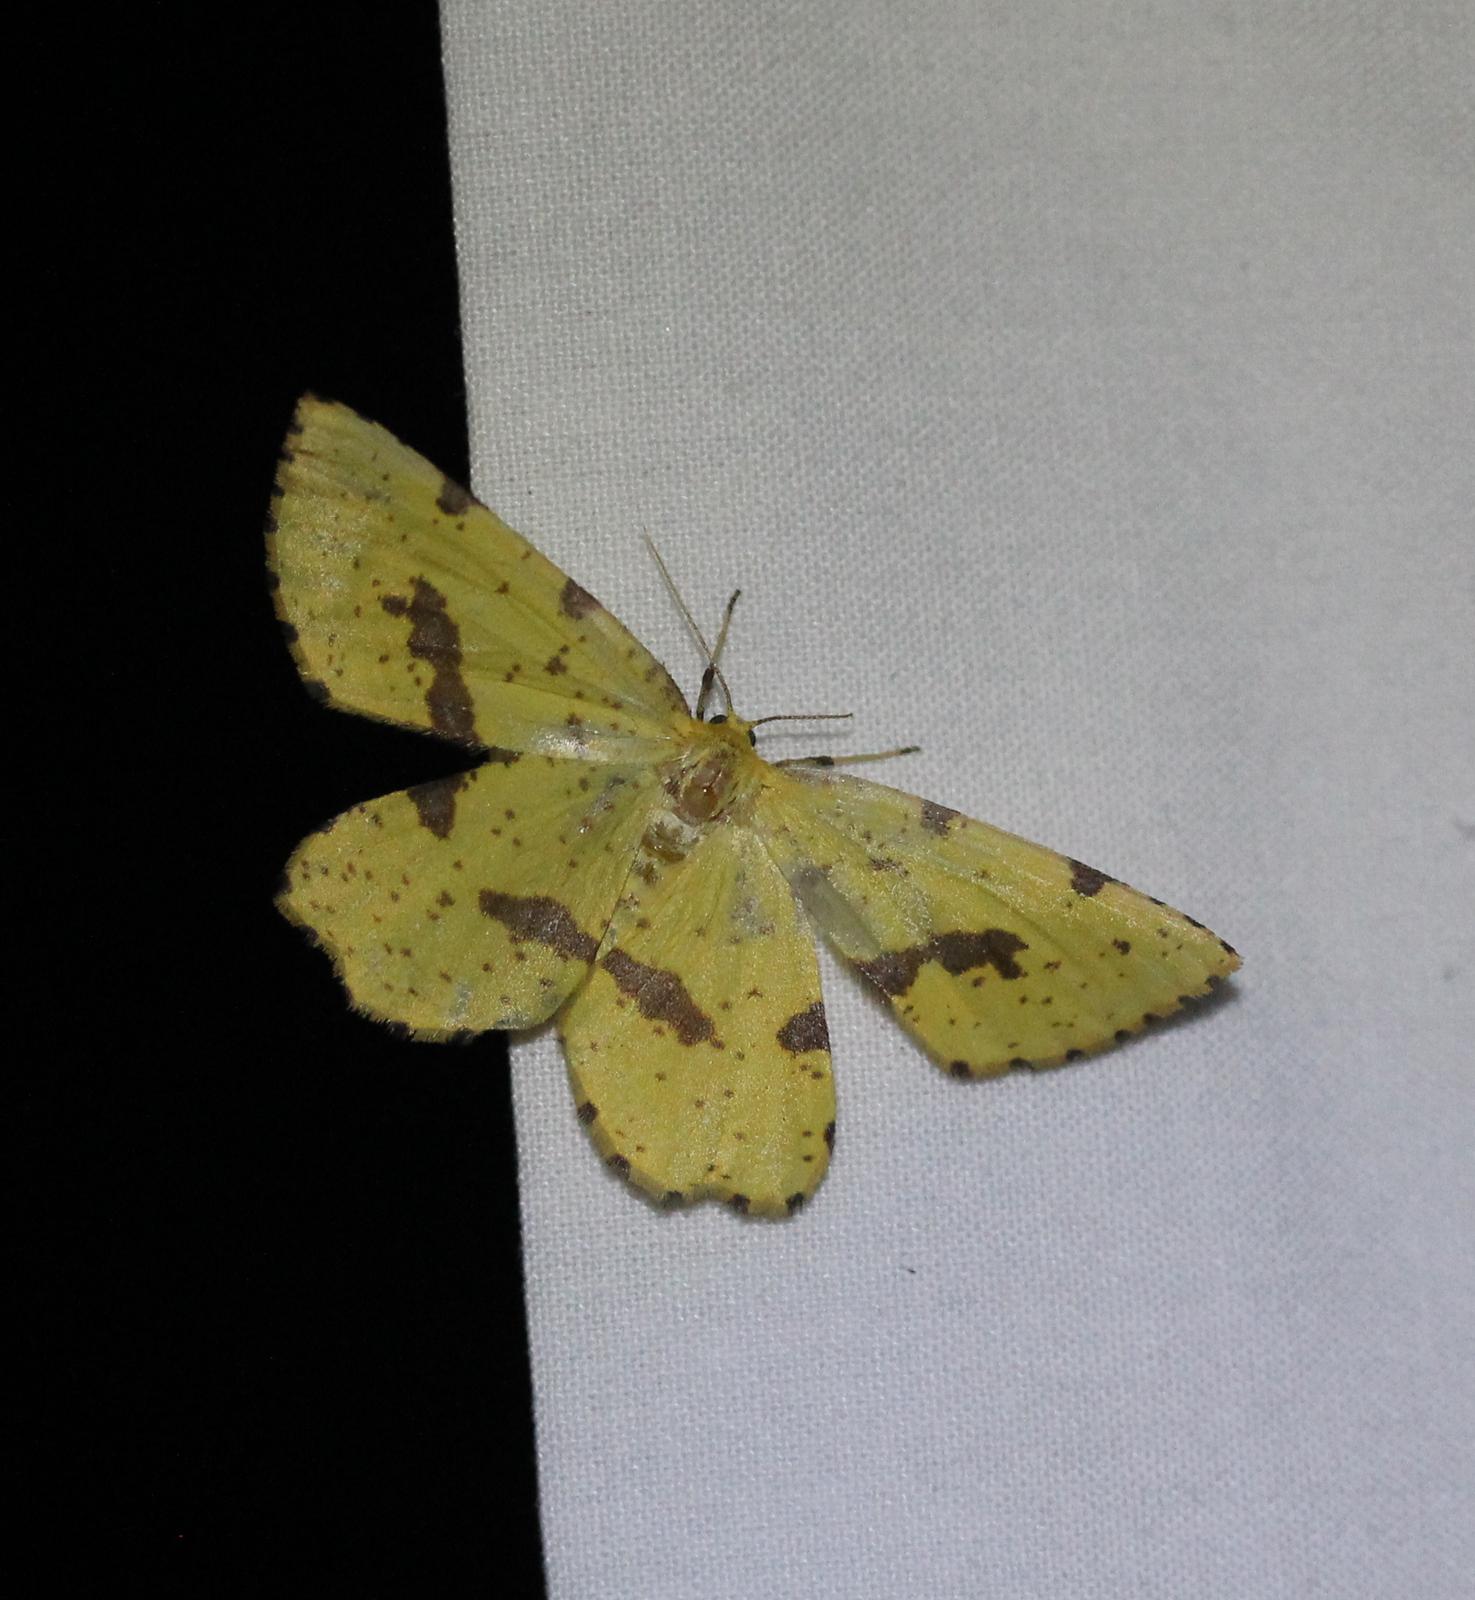 Large yellow moth on white sheet